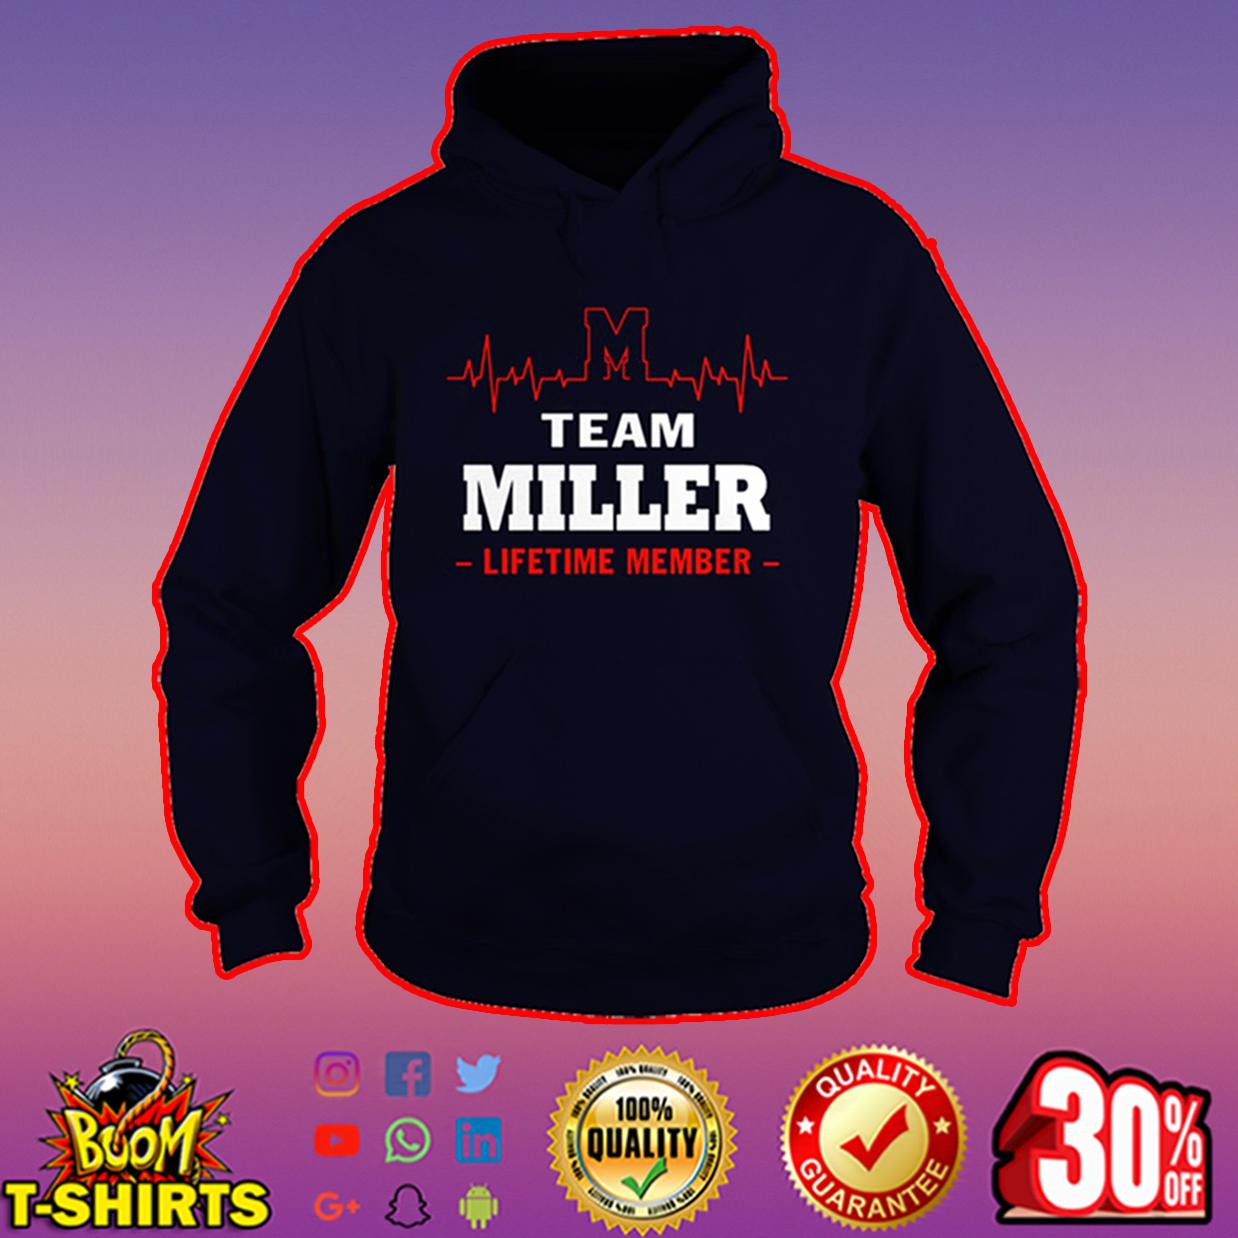 Team Miller lifetime member hoodie